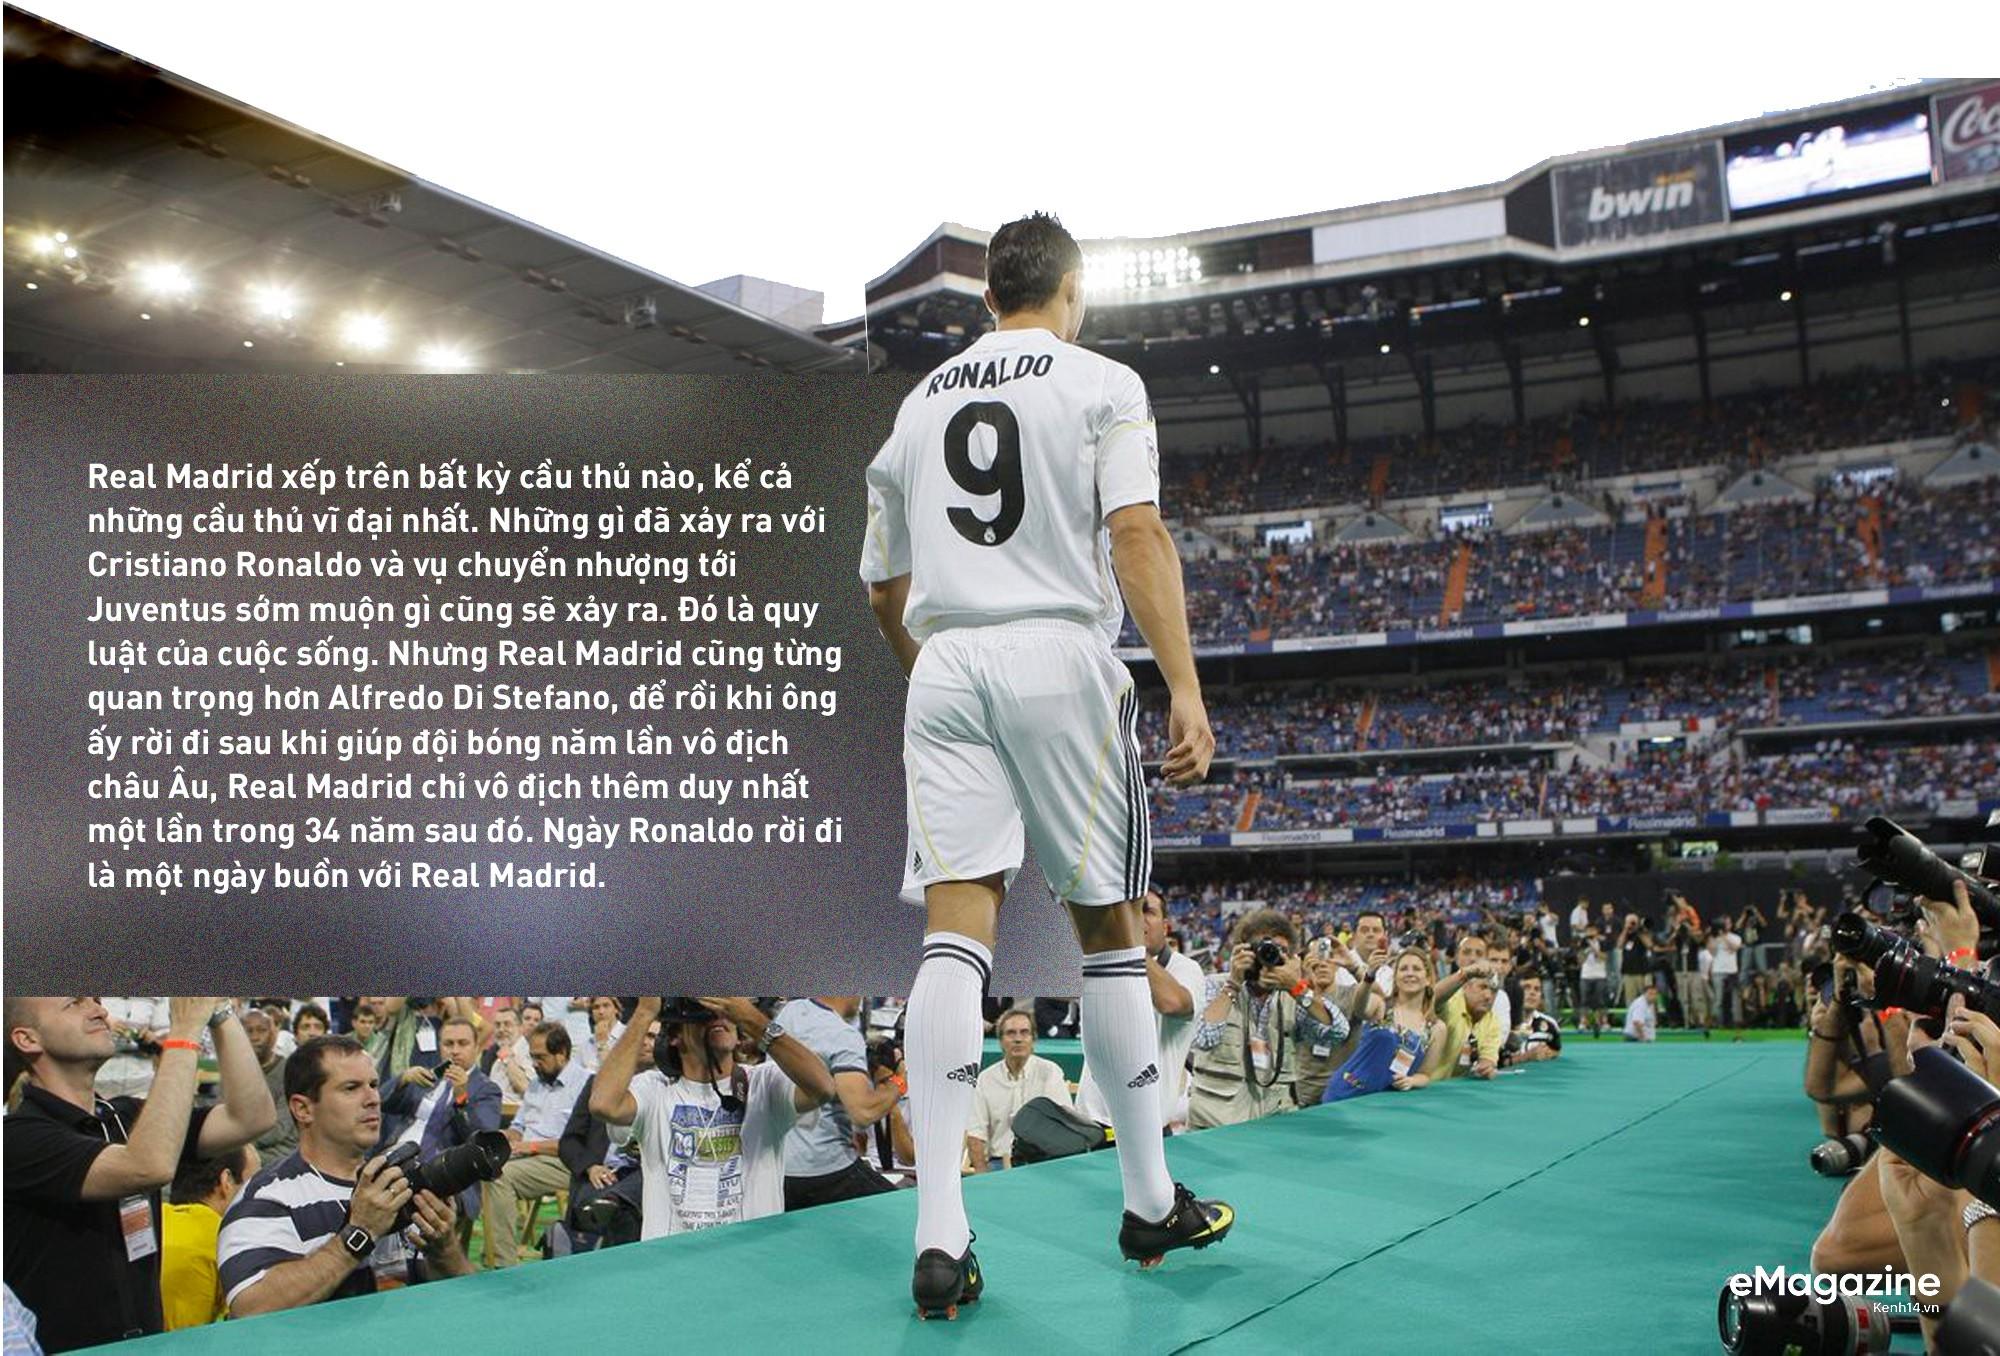 Ronaldo và lời từ biệt với Real Madrid: Định mệnh của một nhà vô địch - Ảnh 5.